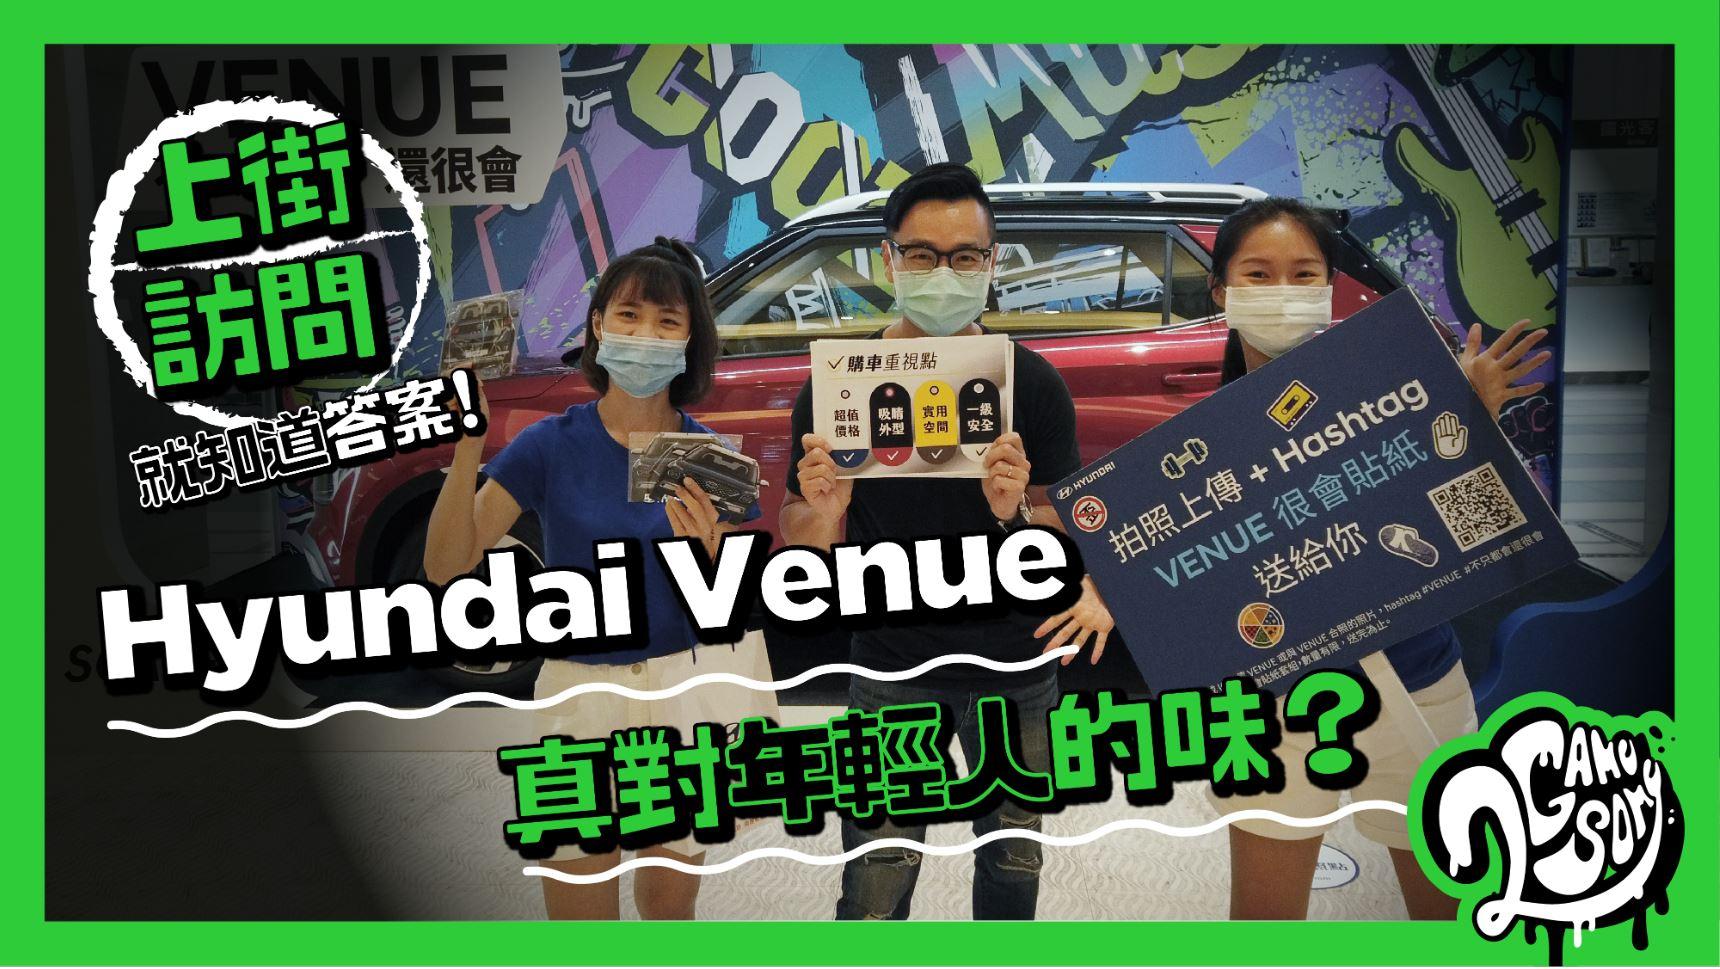 Hyundai Venue 真對年輕人的味?上街訪問就知道答案!